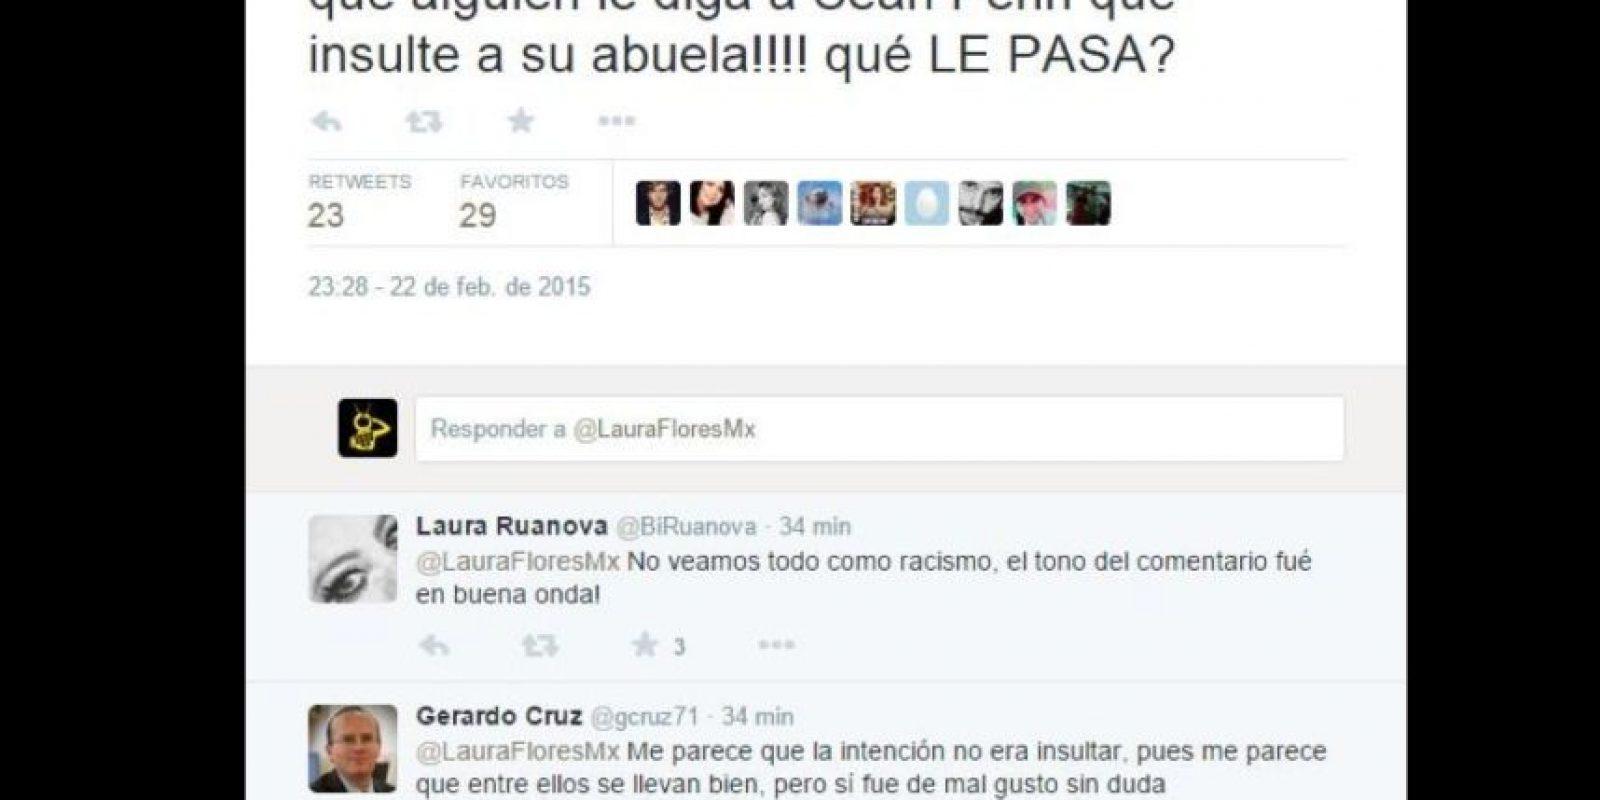 Sean Penn hizo una broma a su amigo, el director Alejandro González Iñárritu, con respecto a su estatus migratorio. Y Twitter no lo perdonó. Foto:Twitter